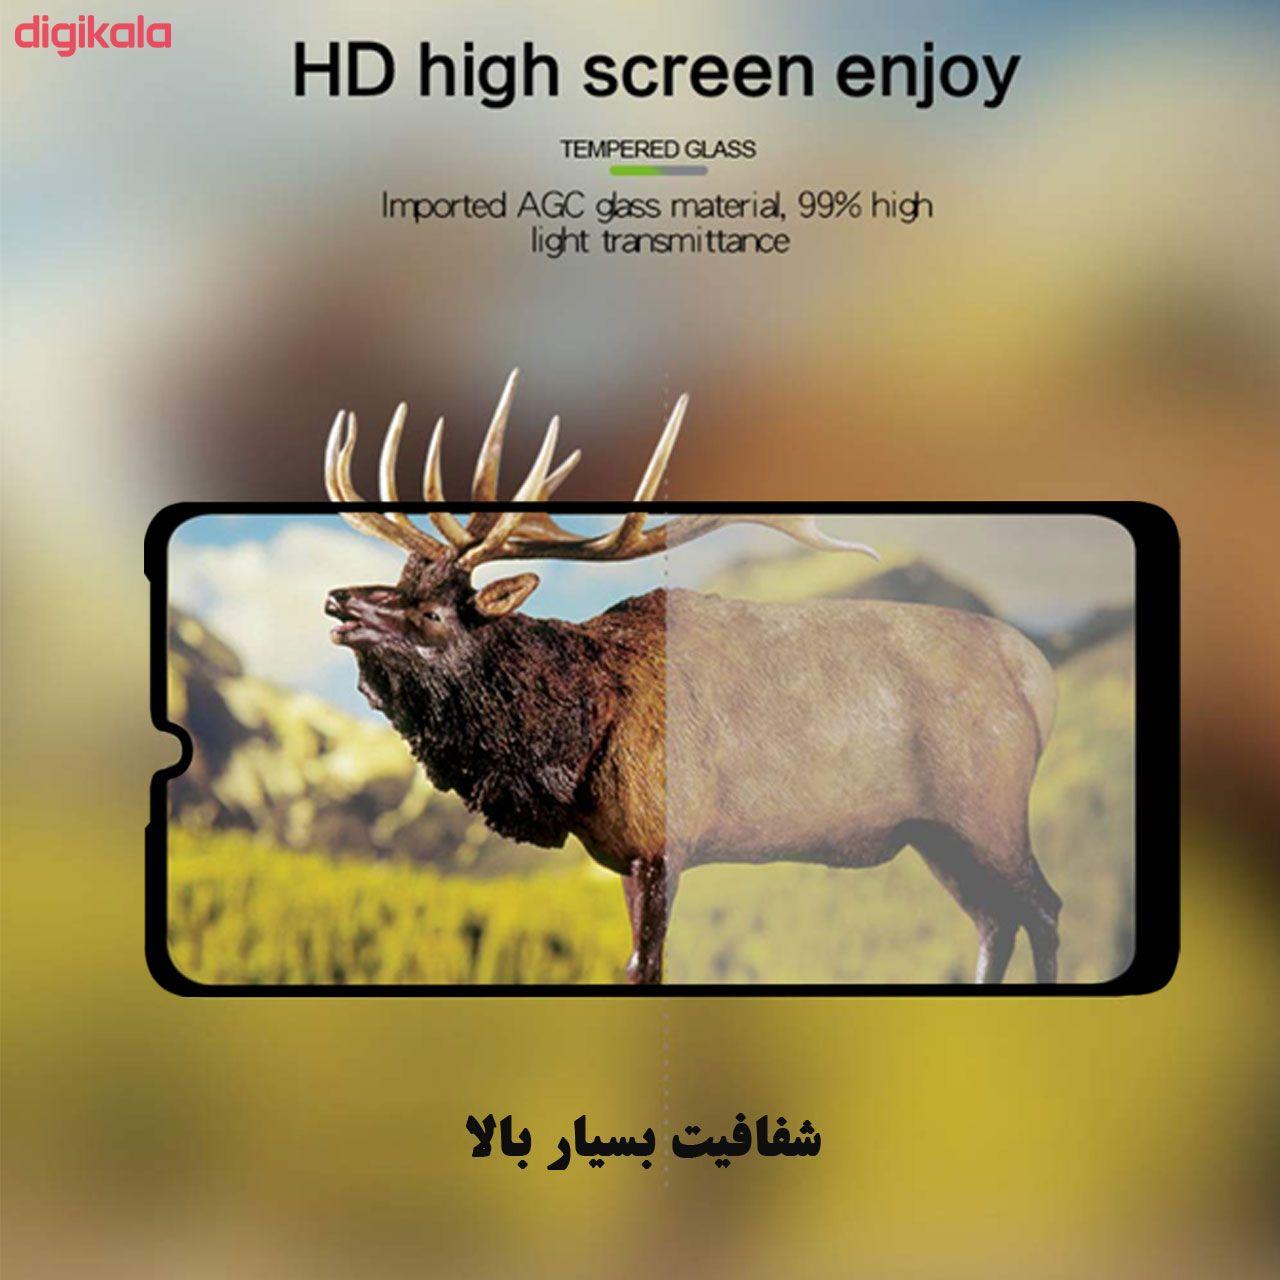 محافظ صفحه نمایش 5D هورس مدل FAG مناسب برای گوشی موبایل شیائومی Mi A3 main 1 3